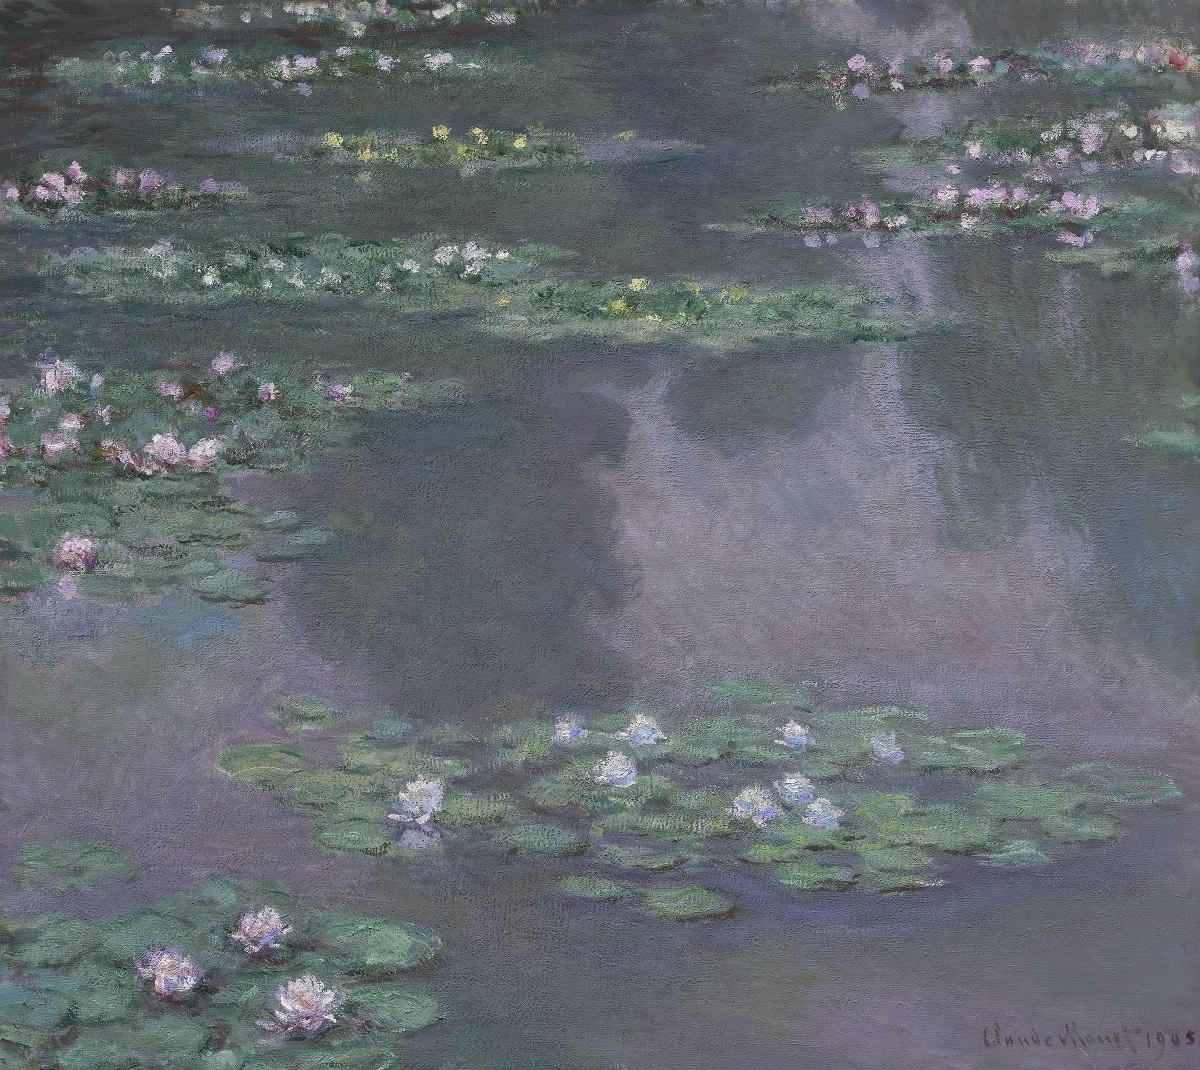 クロード・モネ《睡蓮》1905年 89.5cm x 100.3cm 油彩、カンヴァス Gift of Edward Jackson Holmes, 39.804 Photograph © 2017 Museum of Fine Arts, Boston